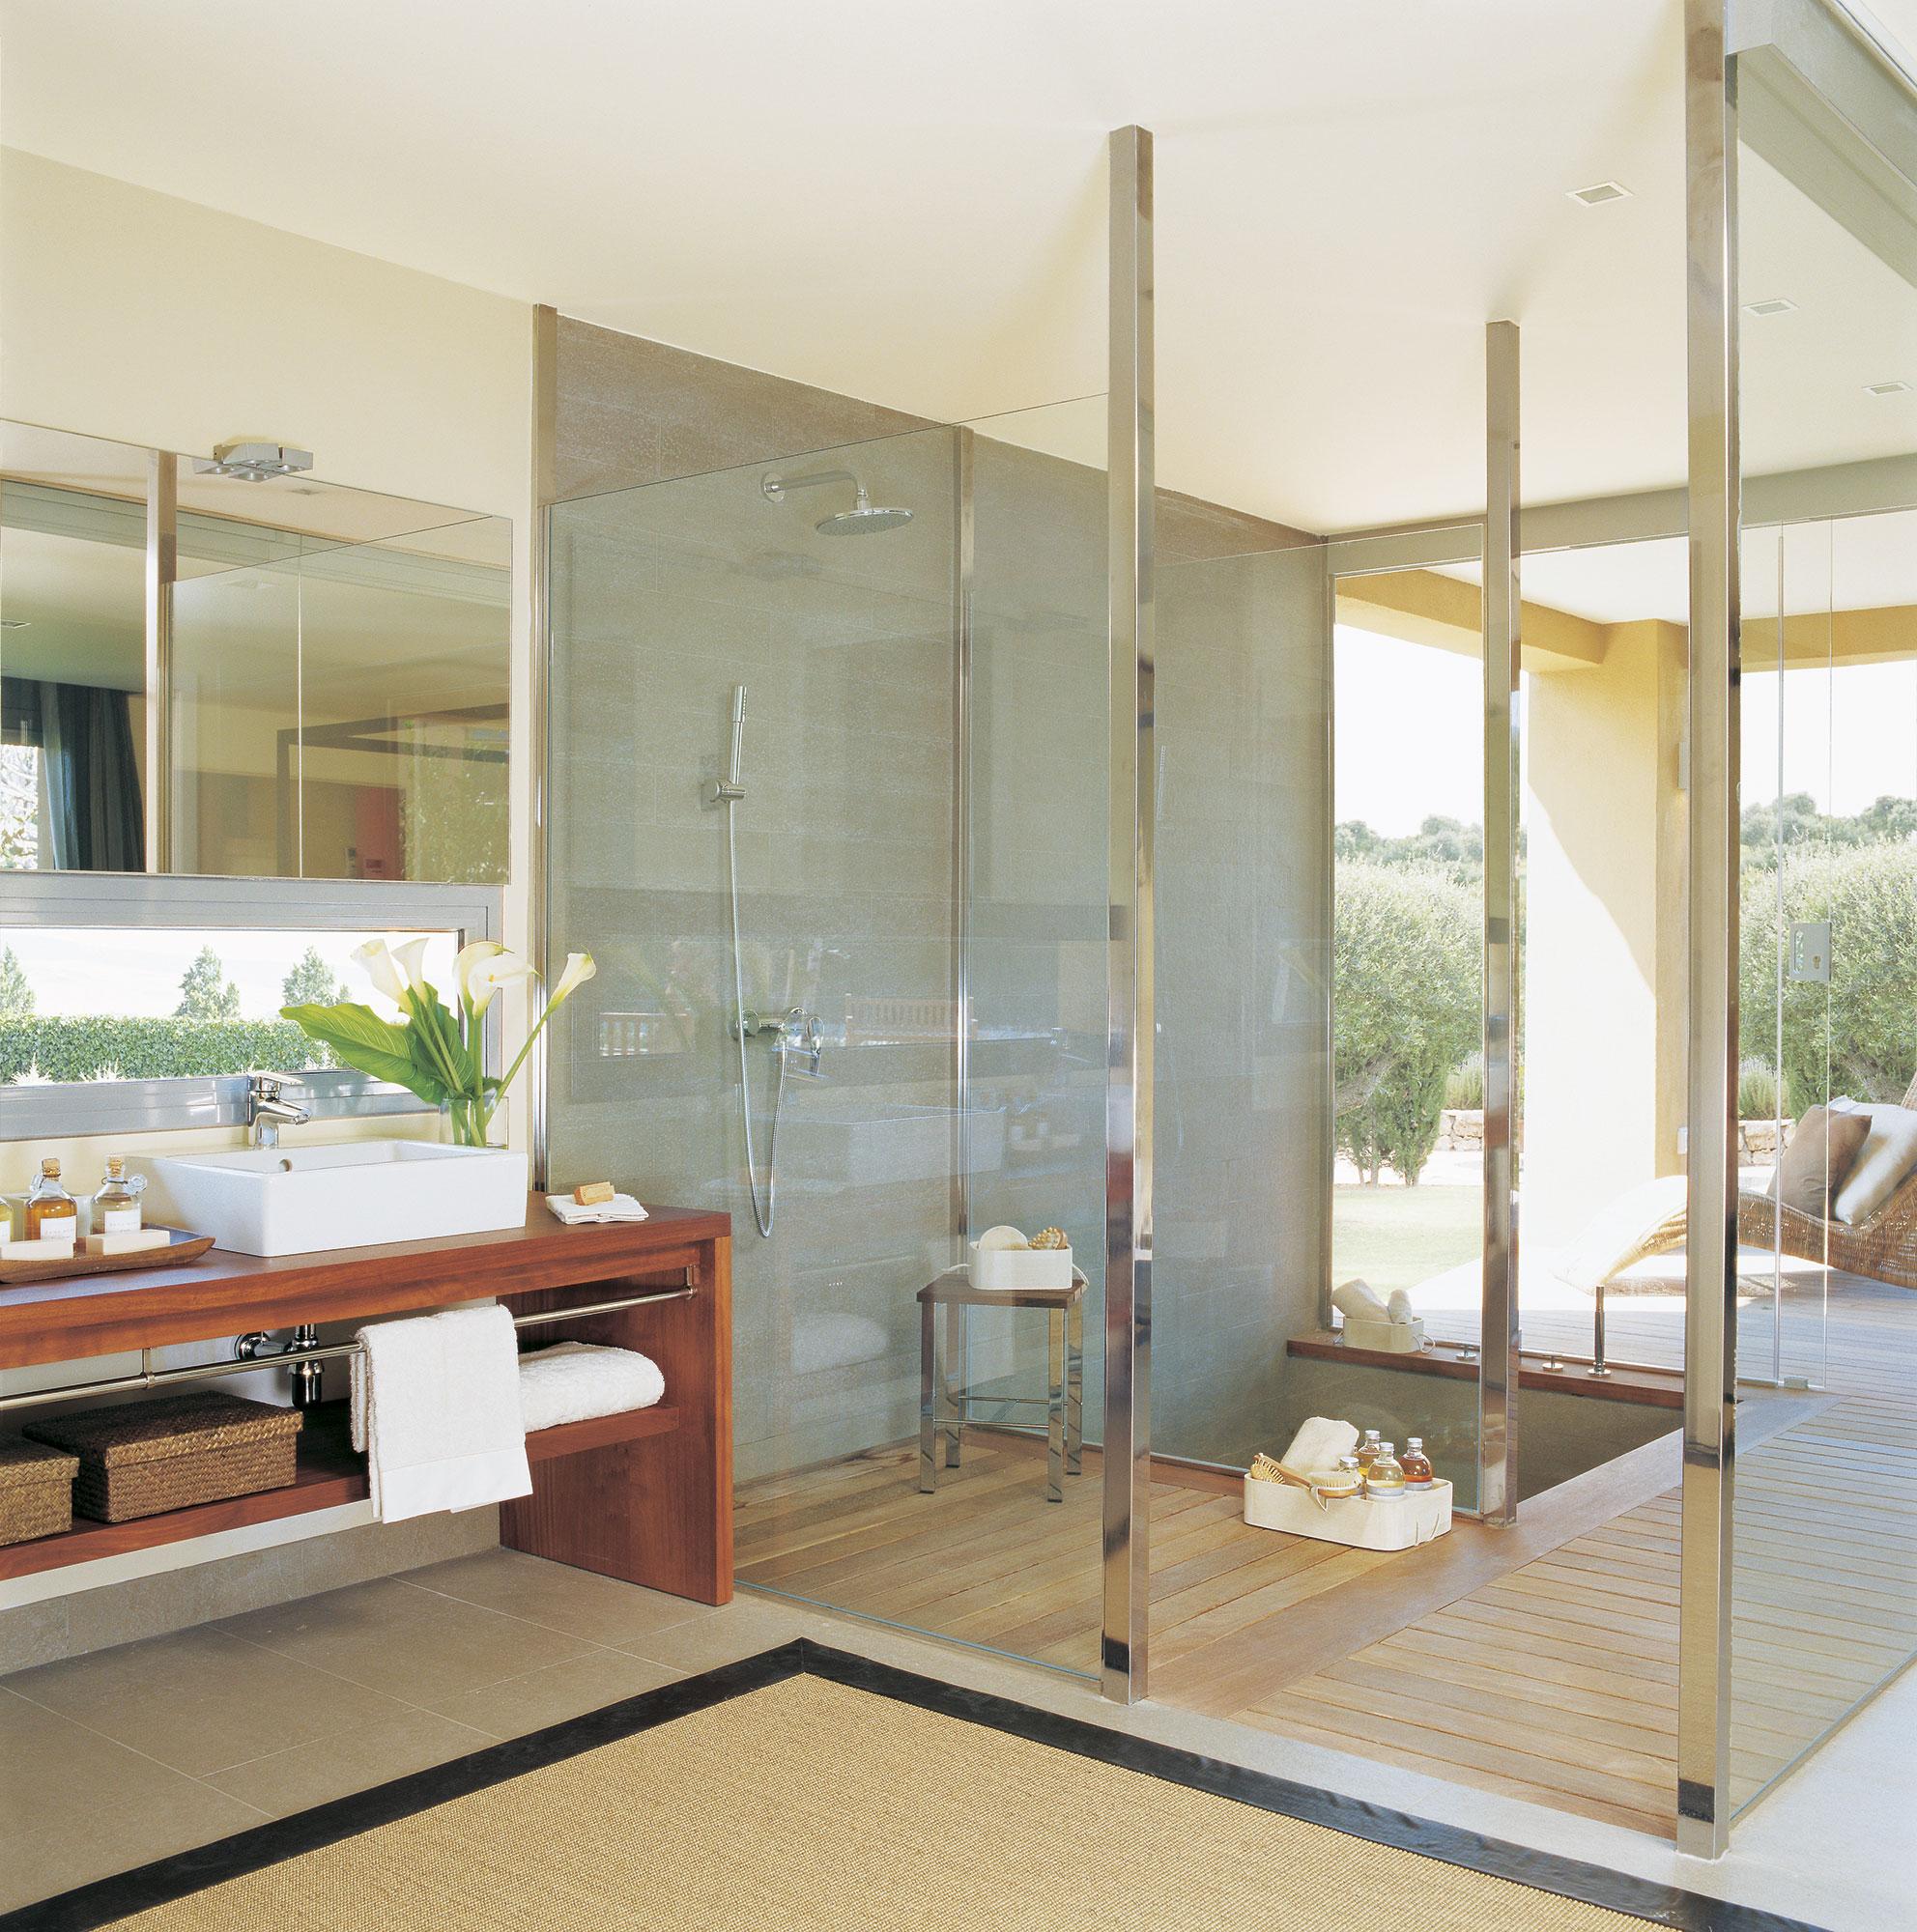 Ba os con ducha pr cticos y ecol gicos - Banos con paredes de cristal ...